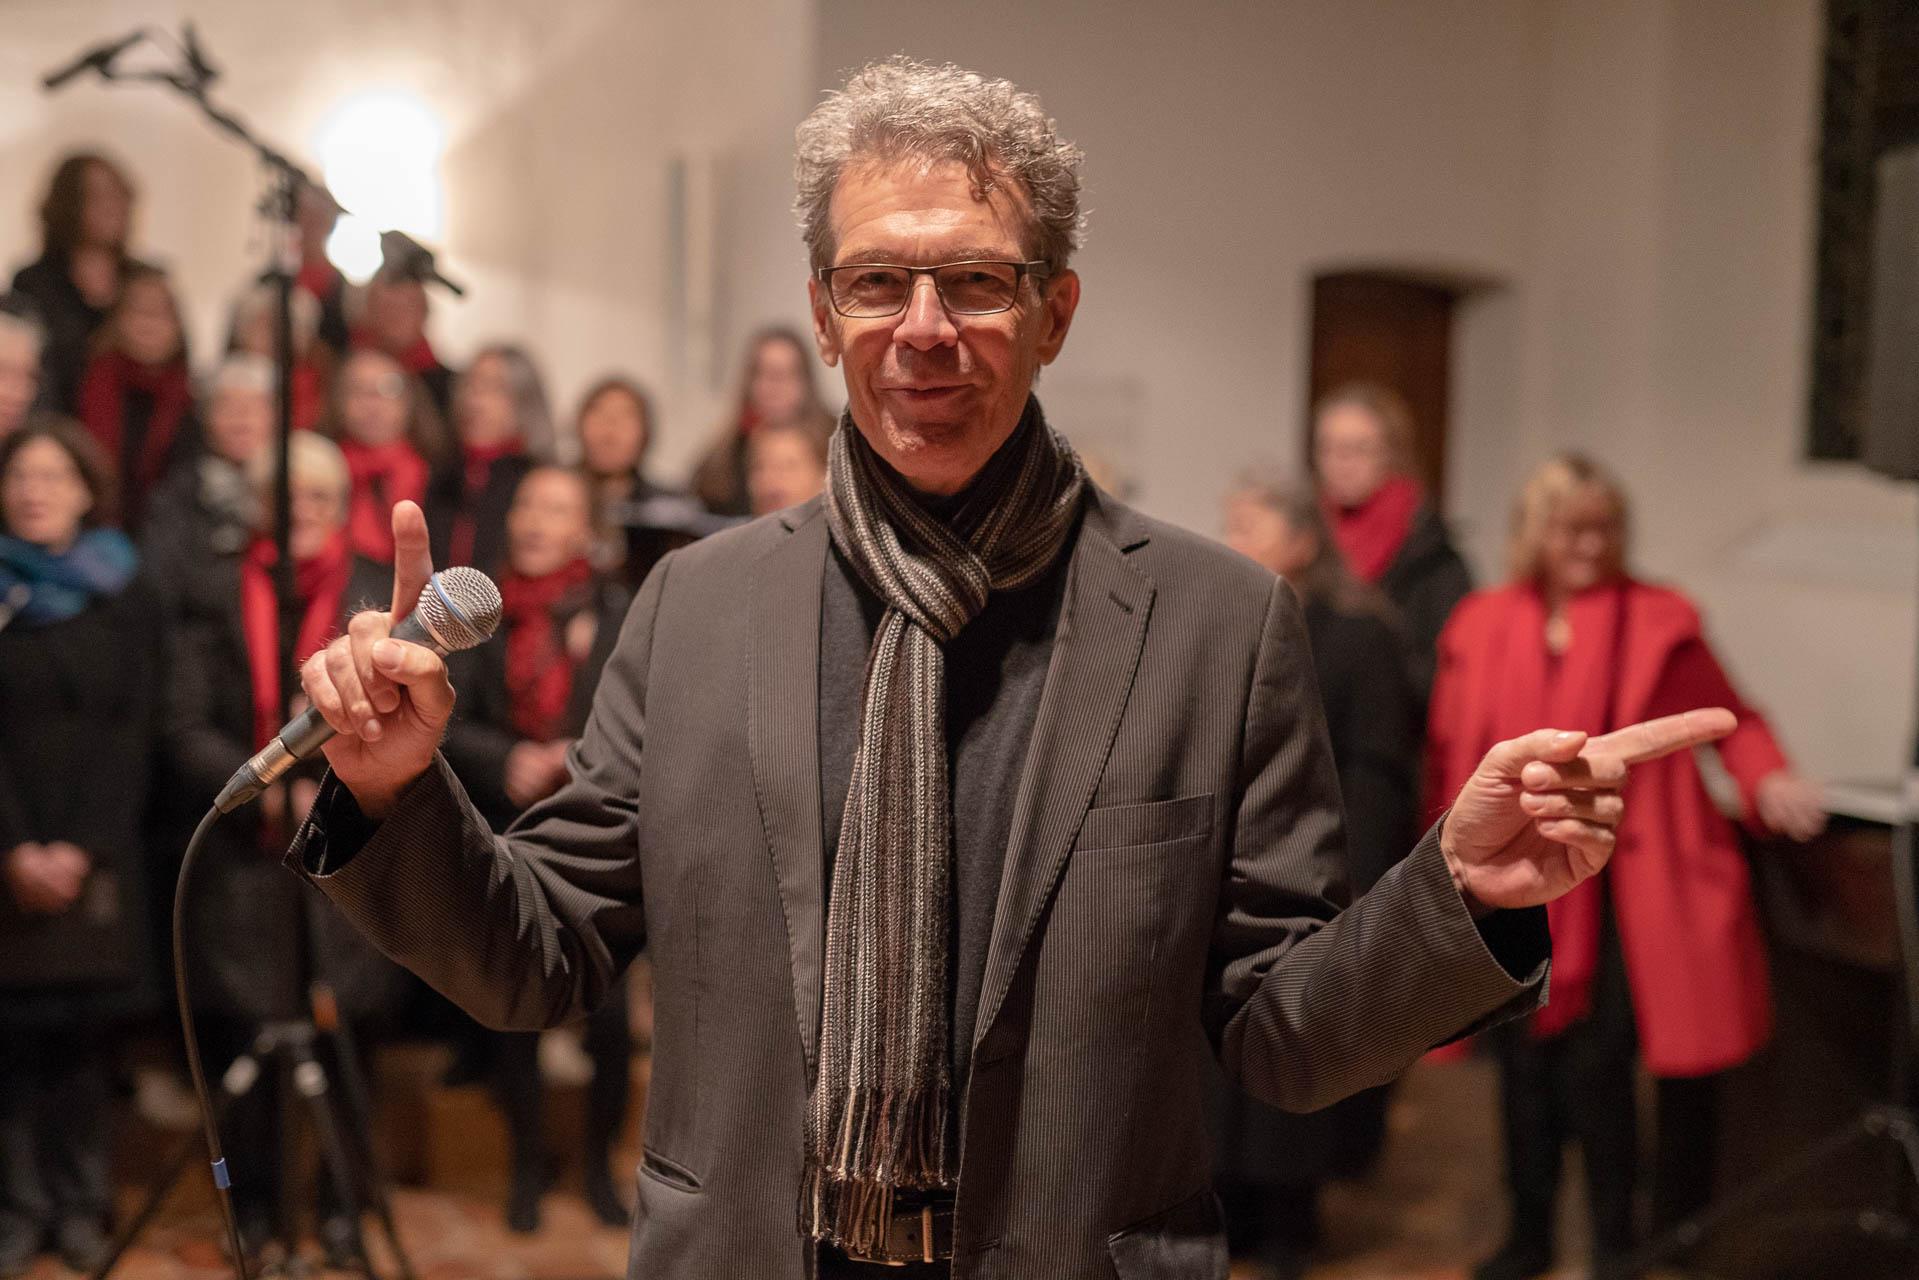 Wolfgang Heuberger